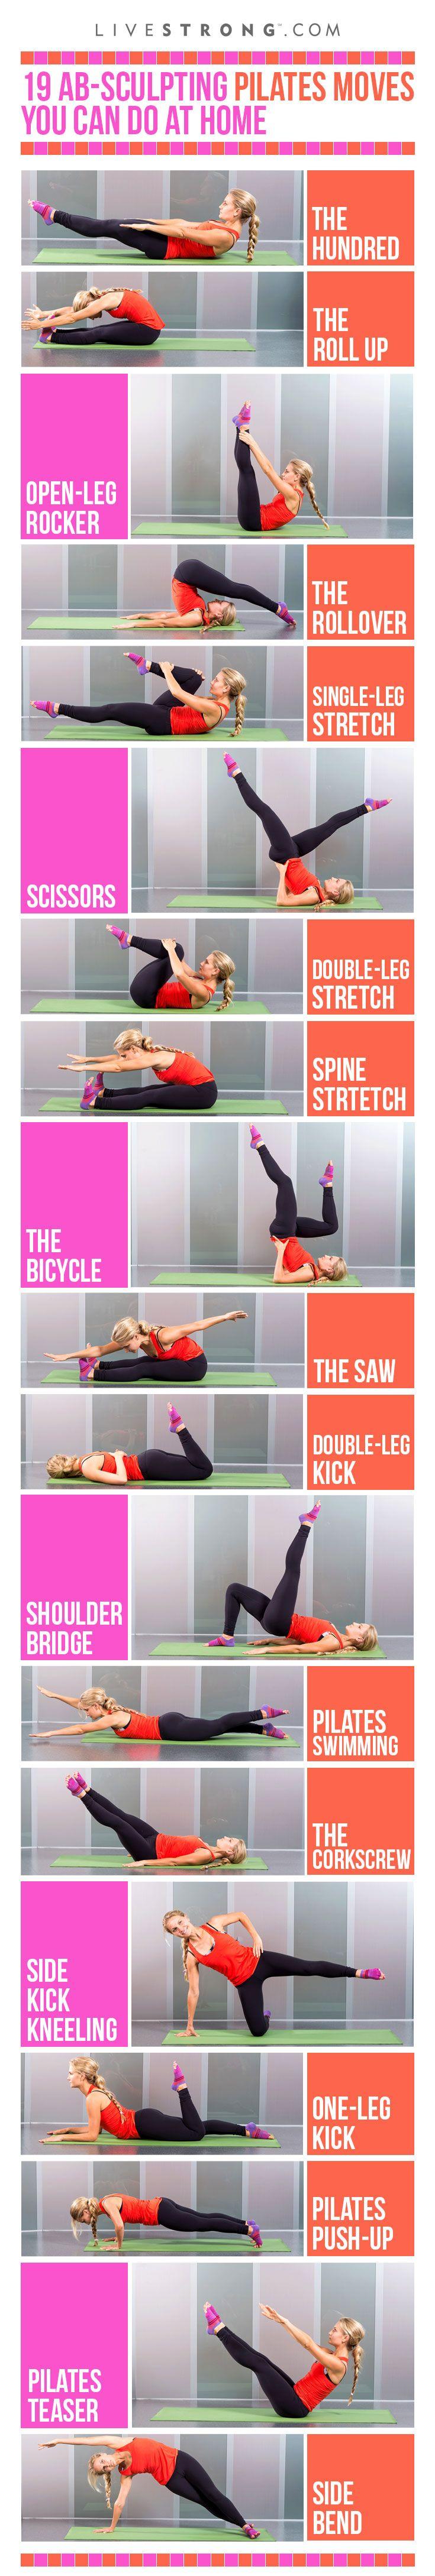 Una buena tabla de ejercicios de #Pilates, aunque muchos están en versiones quizá demasiado avanzadas si eres principiante